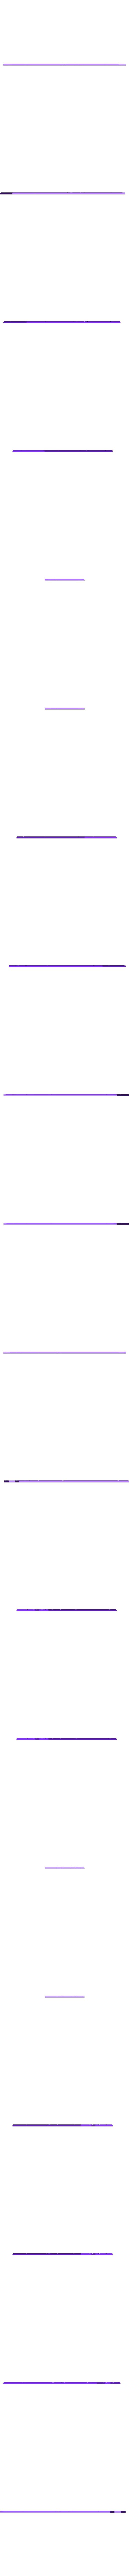 arm_1.stl Télécharger fichier STL gratuit Kara Kesh (arme de poing goa'uld) • Plan pour imprimante 3D, poblocki1982